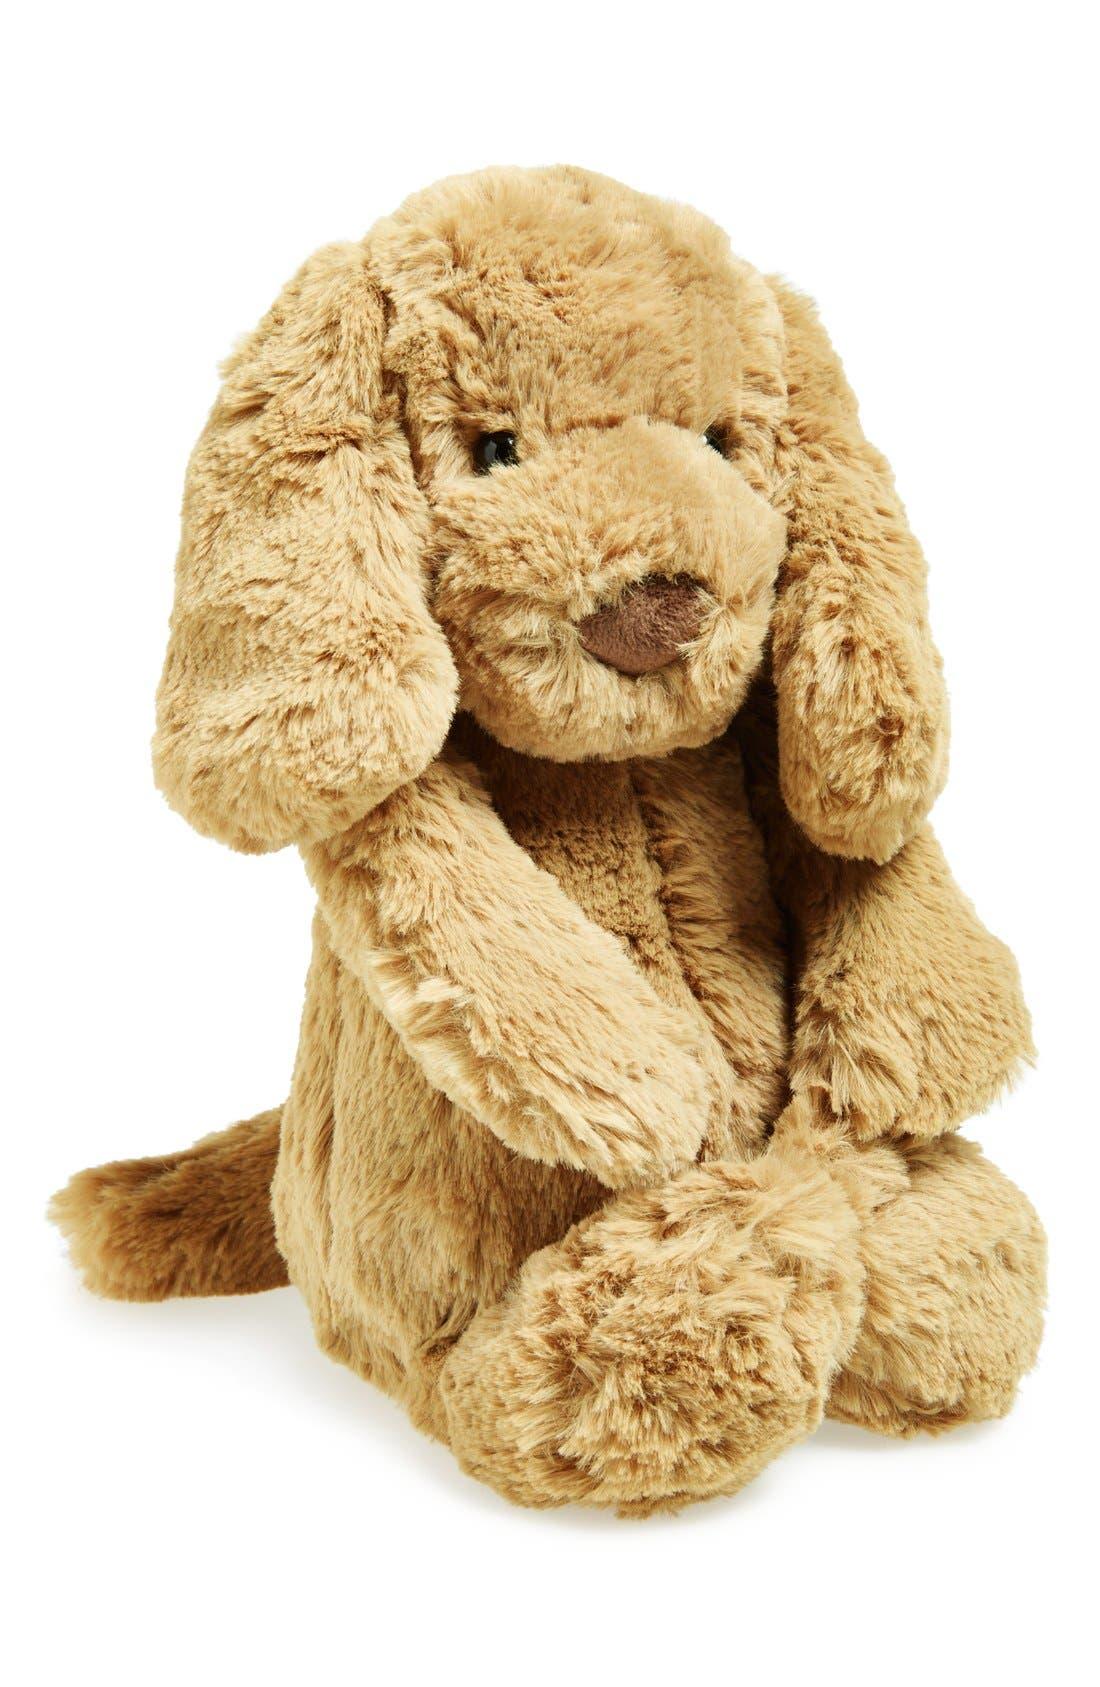 Main Image - Jellycat 'Bashful' Puppy Stuffed Animal